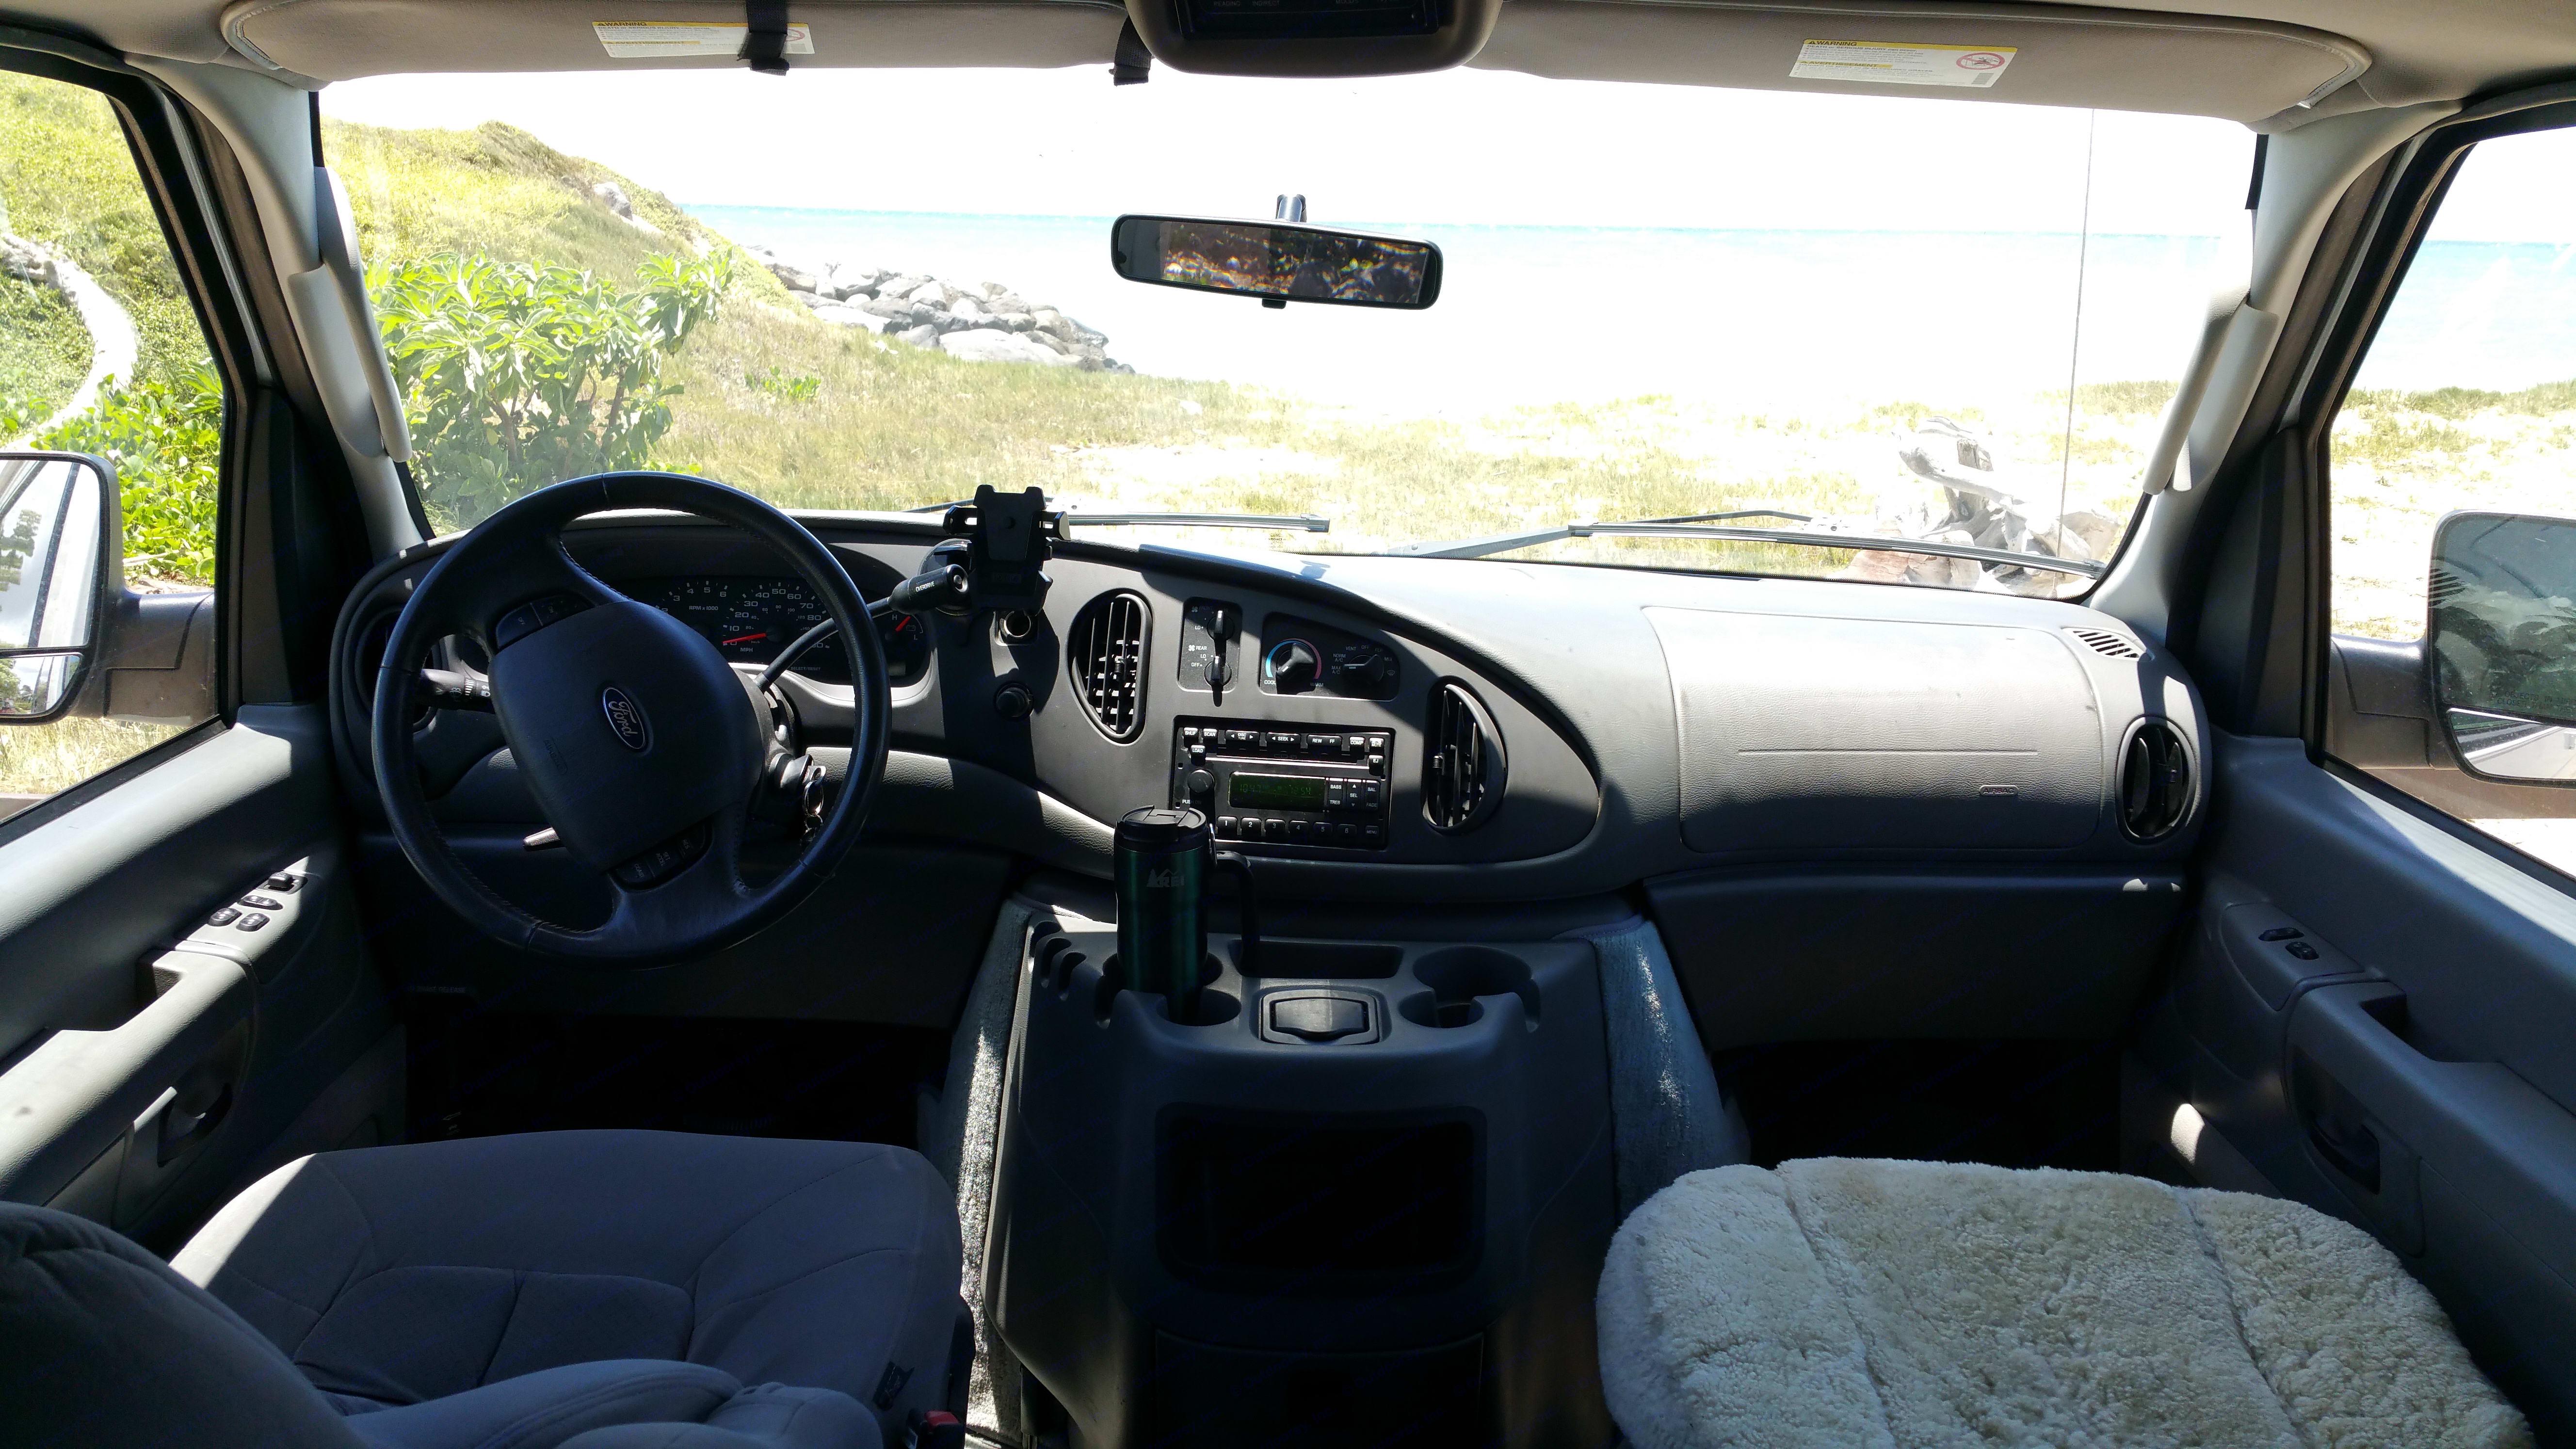 Ford E150 Chariot Hi-Top Conversion 2004